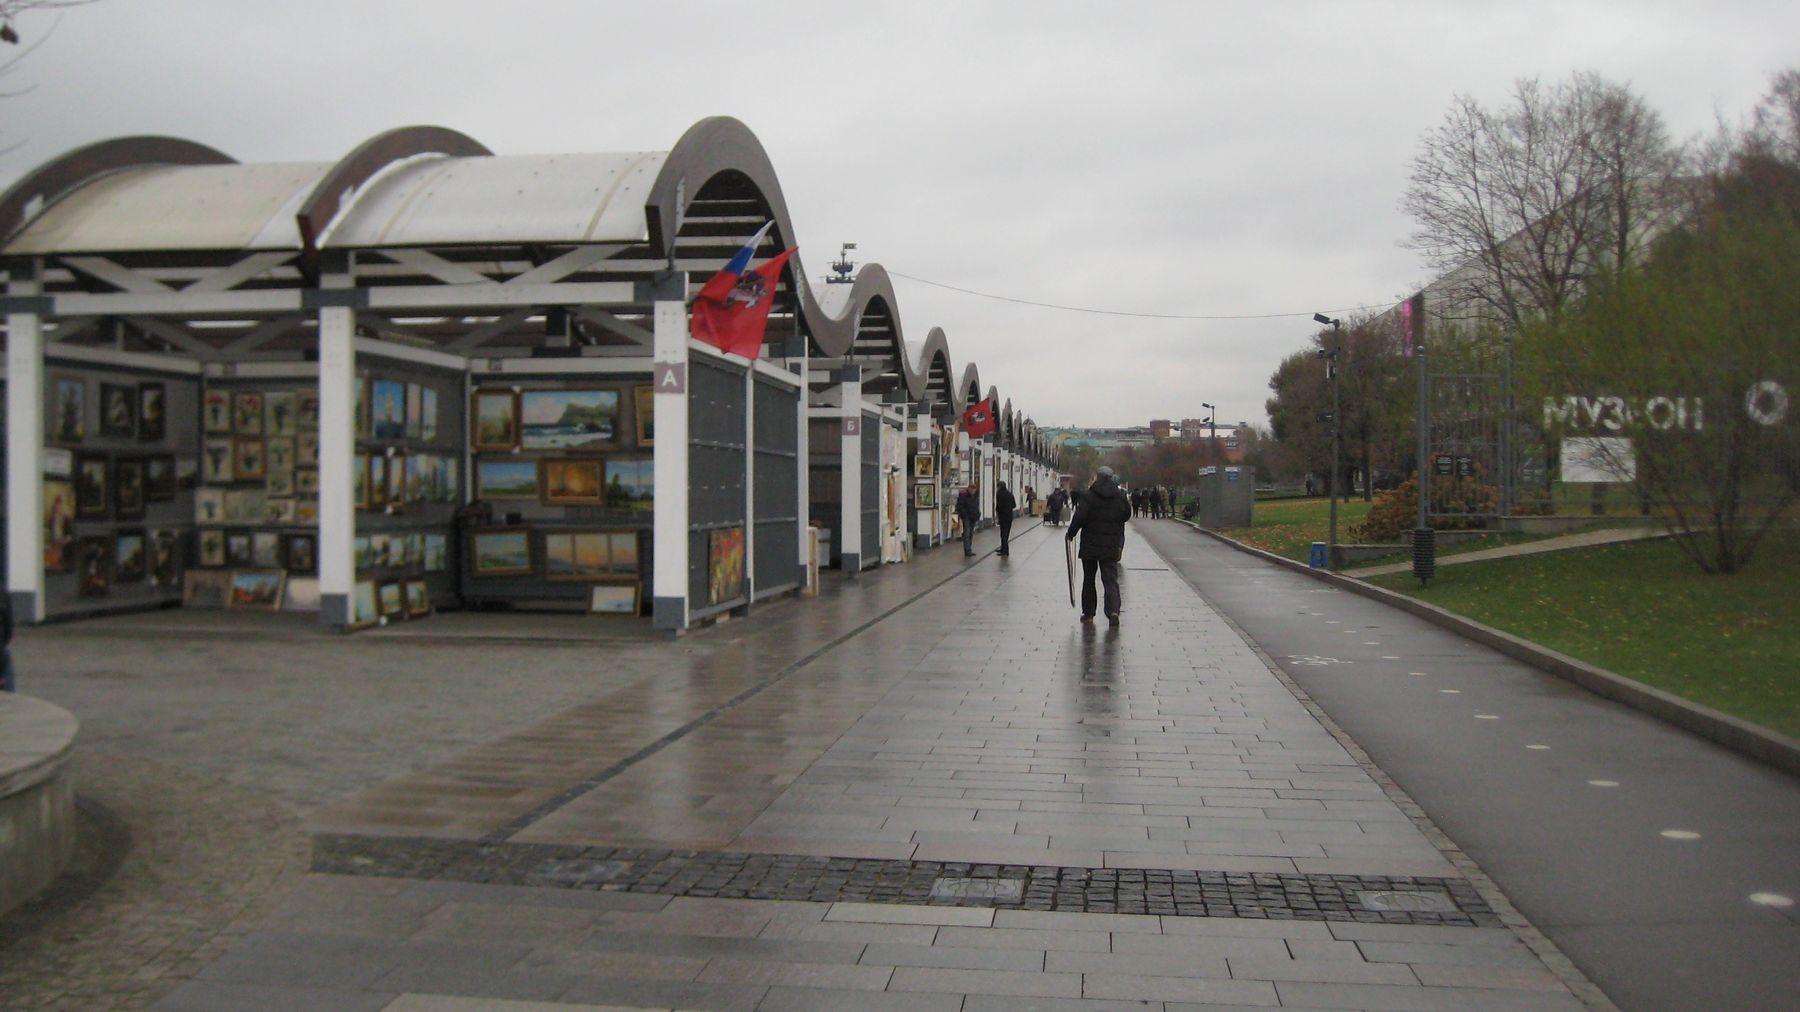 ***Москва. Вернисаж на Крымской набережной. Москва Крымская набережная Вернисаю осень дождь